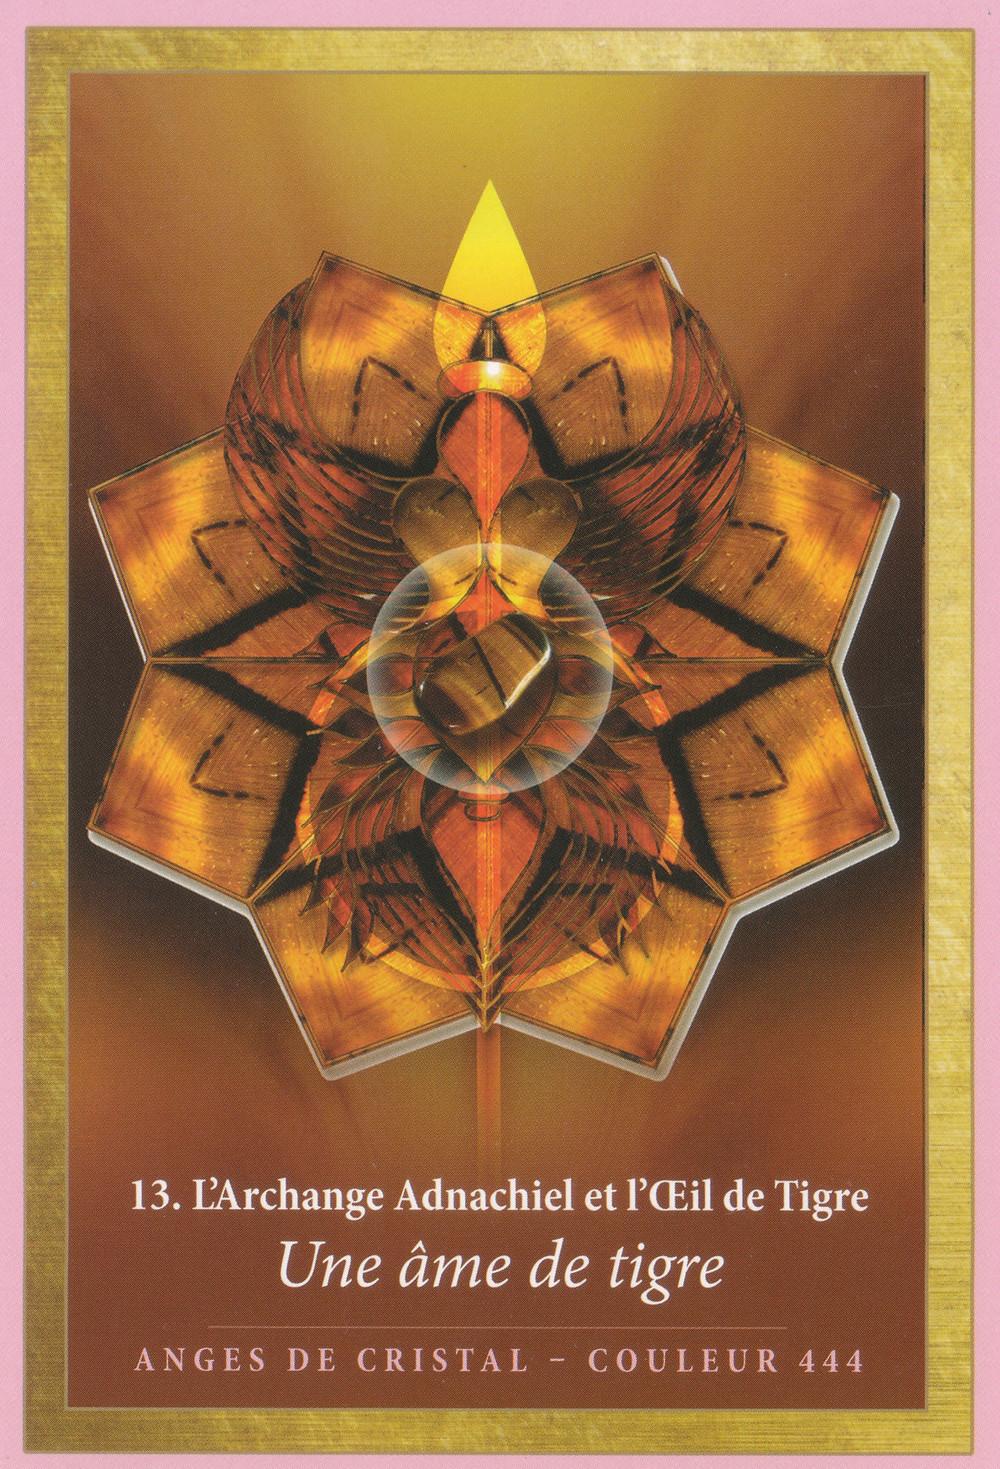 Carte de L'Energie des Anges et des Cristaux d'Alana Fairchild - 13 - Une âme de Tigre - Energies du 9 au 15 décembre 2019 (Portail 12-12-12 et Pleine Lune): La Vérité plus forte que la peur, on brise ses chaînes !